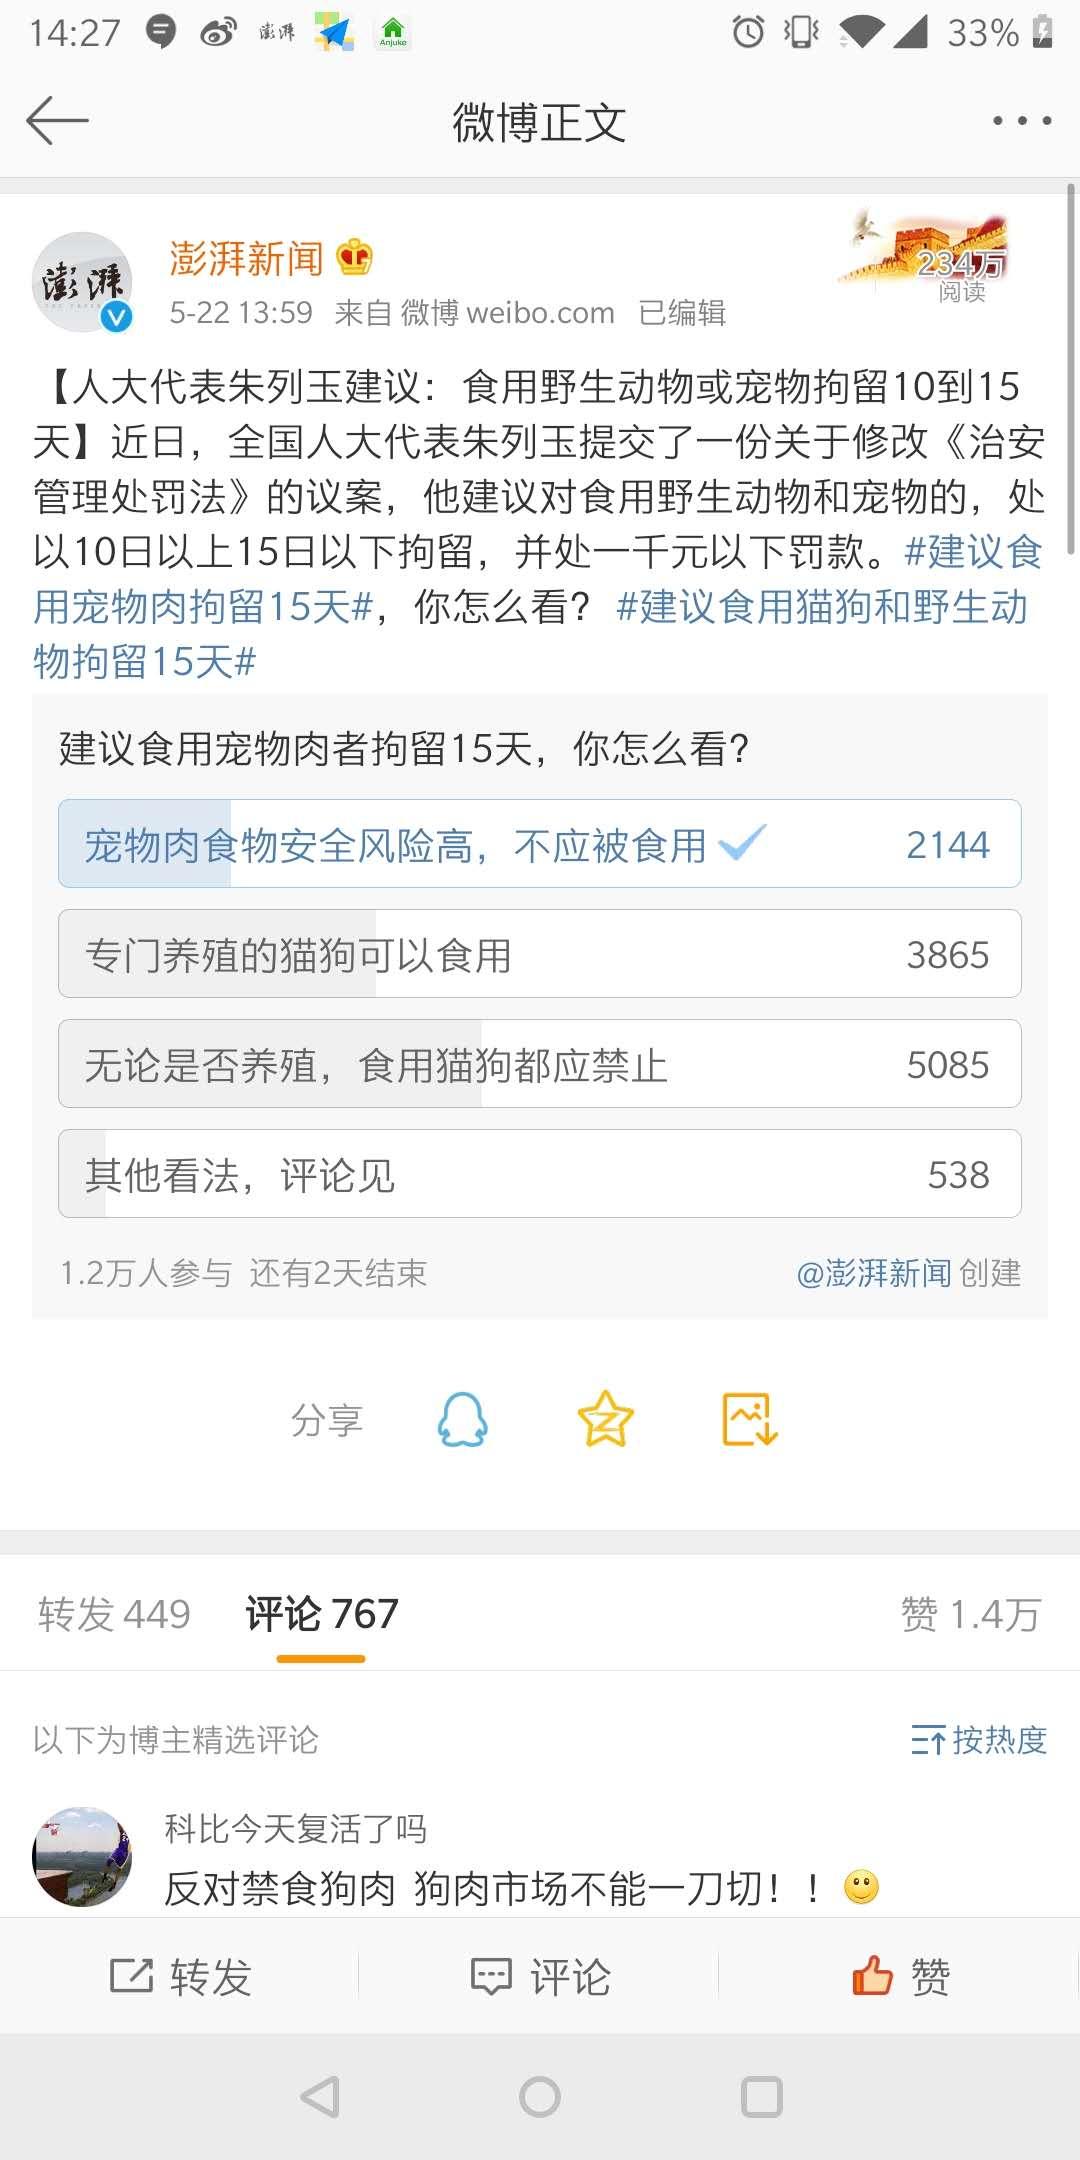 蓝冠:物蓝冠肉拘留15天网友投票超六成赞图片